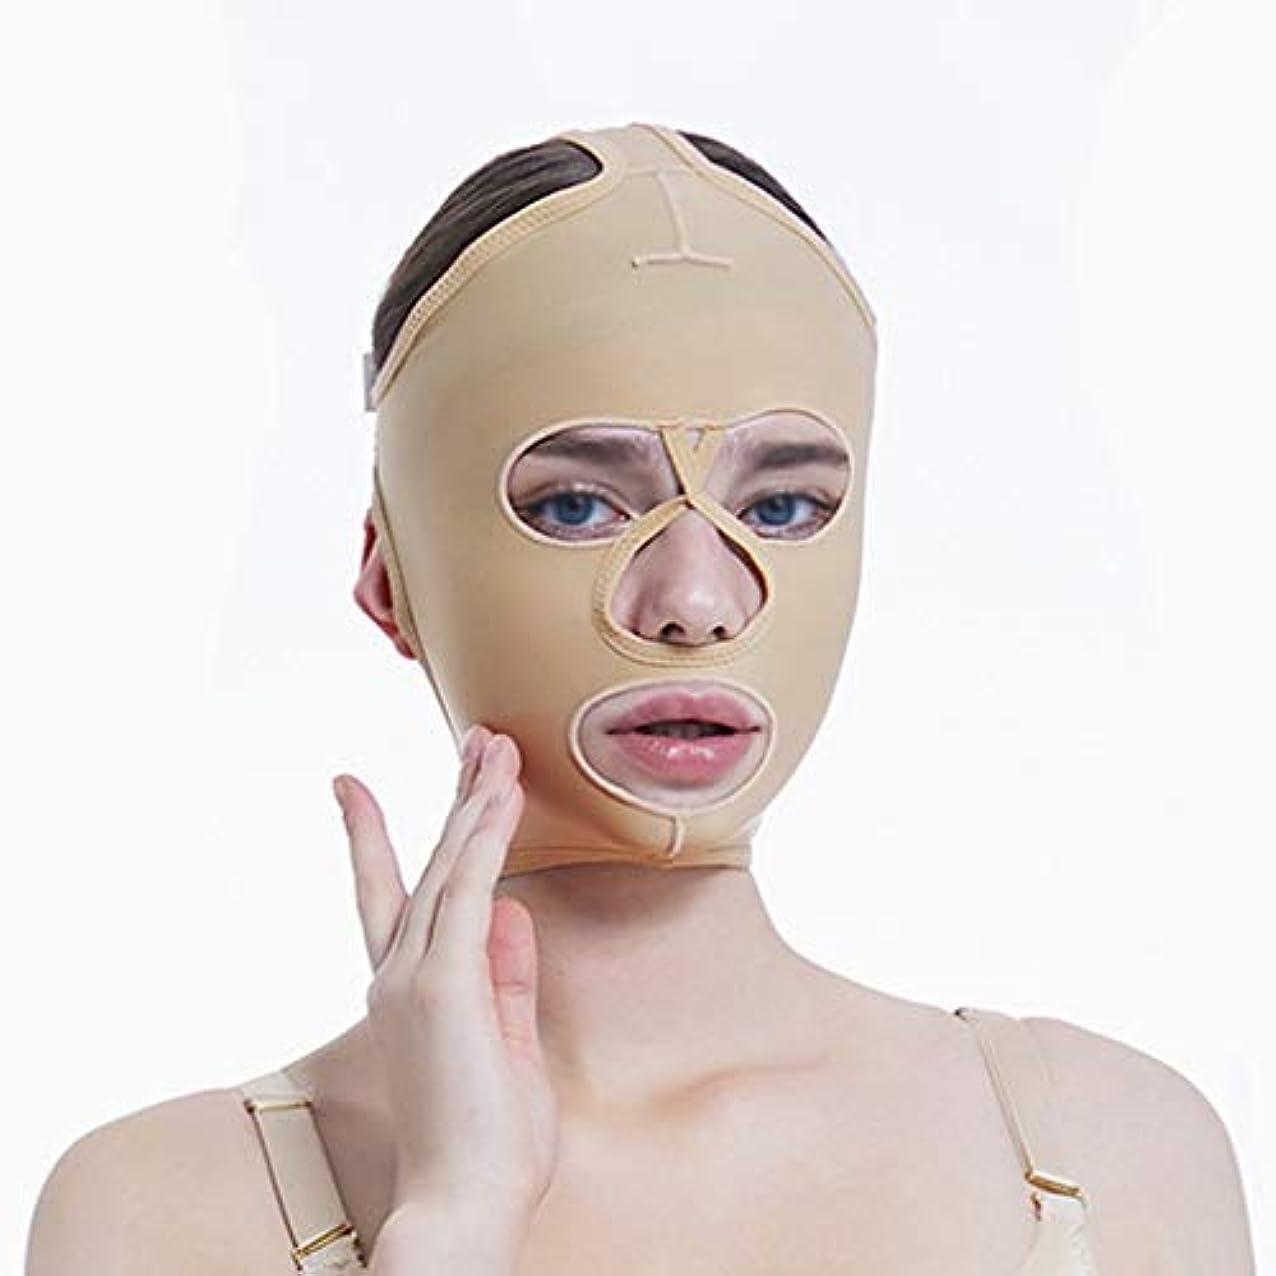 市場電気見る人XHLMRMJ チンリフティングベルト、超薄型ベルト、ファーミングマスク、包帯吊り上げ、フェイスリフティングマスク、超薄型ベルト、通気性 (Size : M)